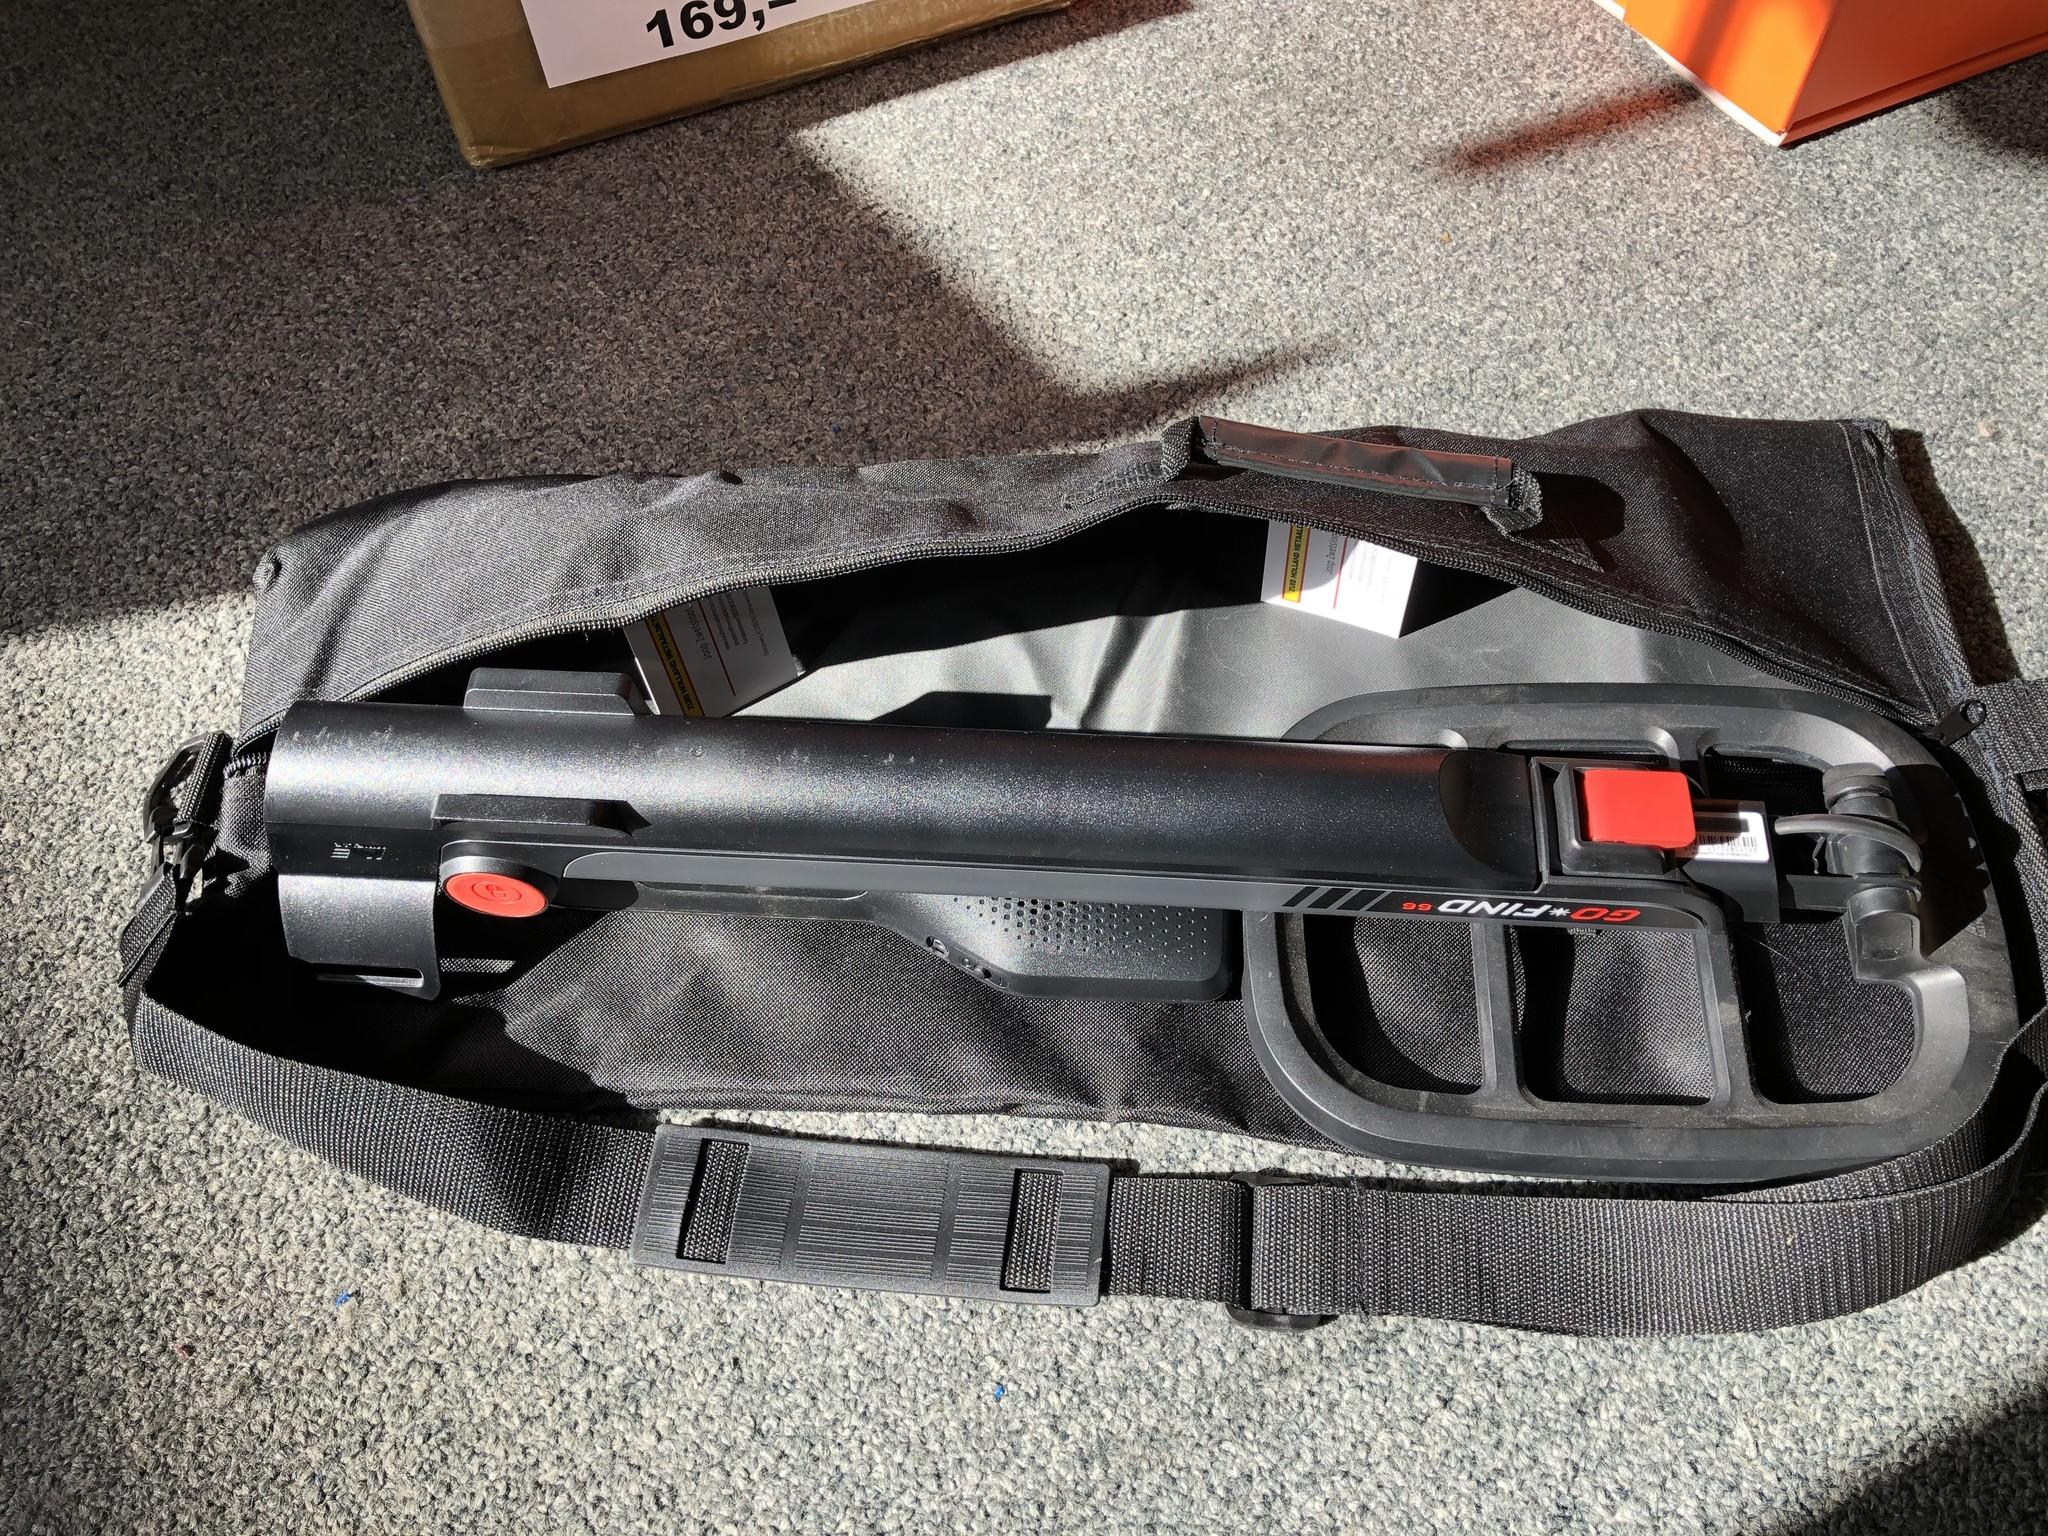 tas opberg draag tas is 60 cm lang.